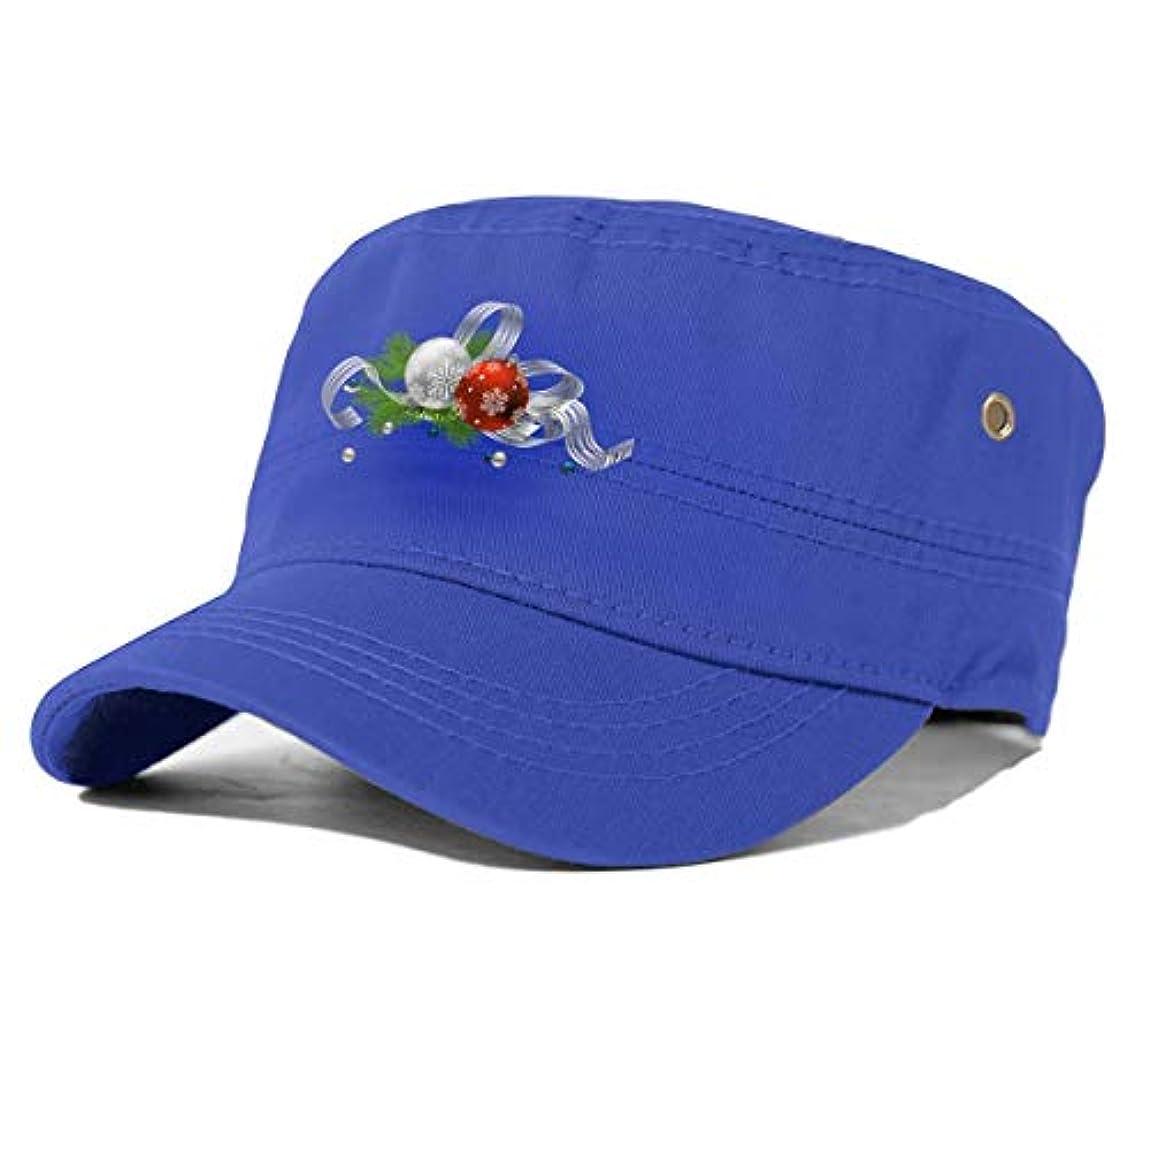 やりがいのあるスーパーマーケット高価な大人のフラットキャップ帽子曲げる綿男女通用 Essential Oil Christmas Tree Blue